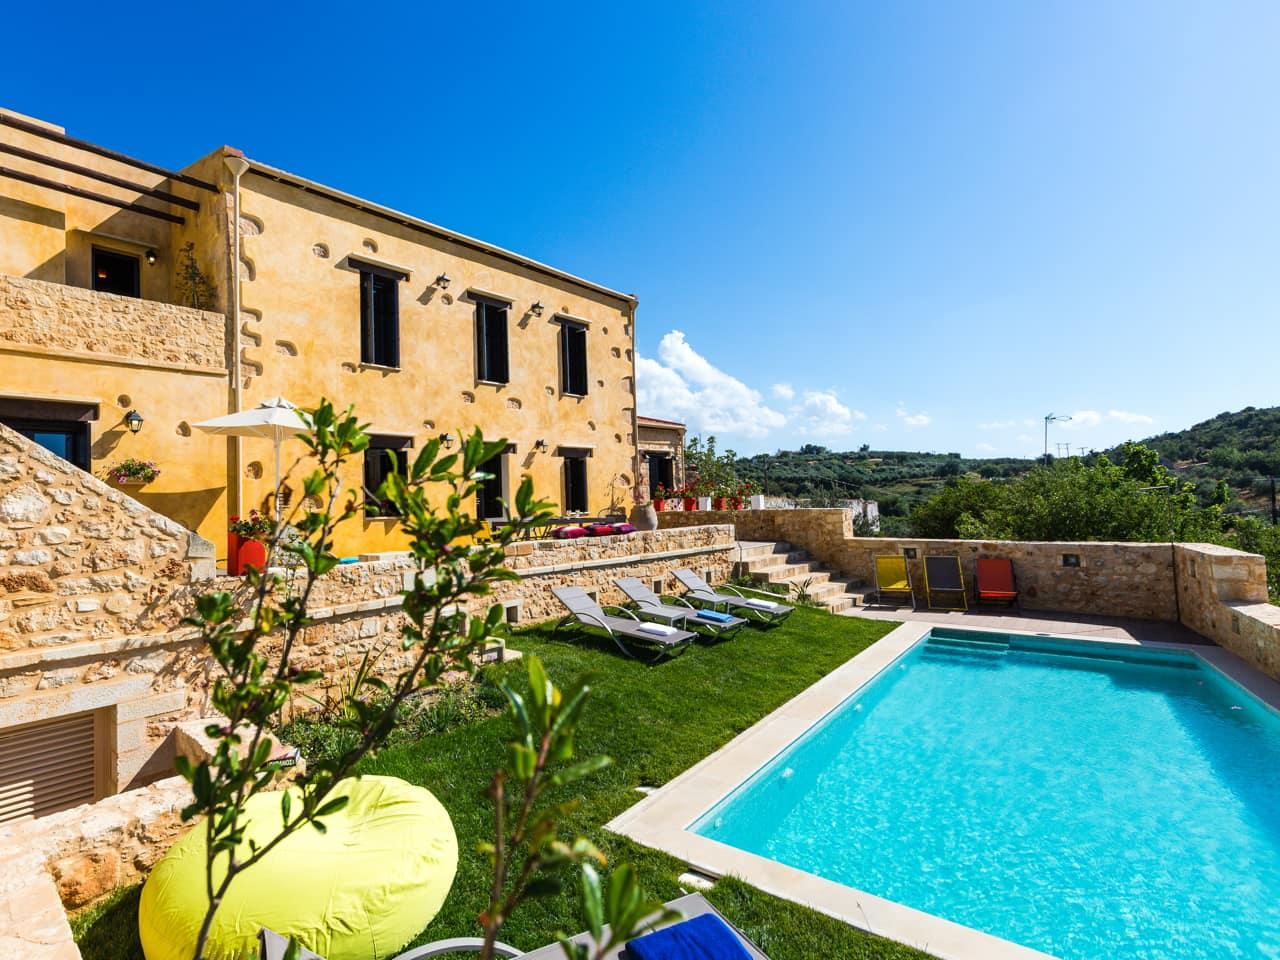 Immerse Yourself In The Cretan Countryside At Erondas Cretan Villas